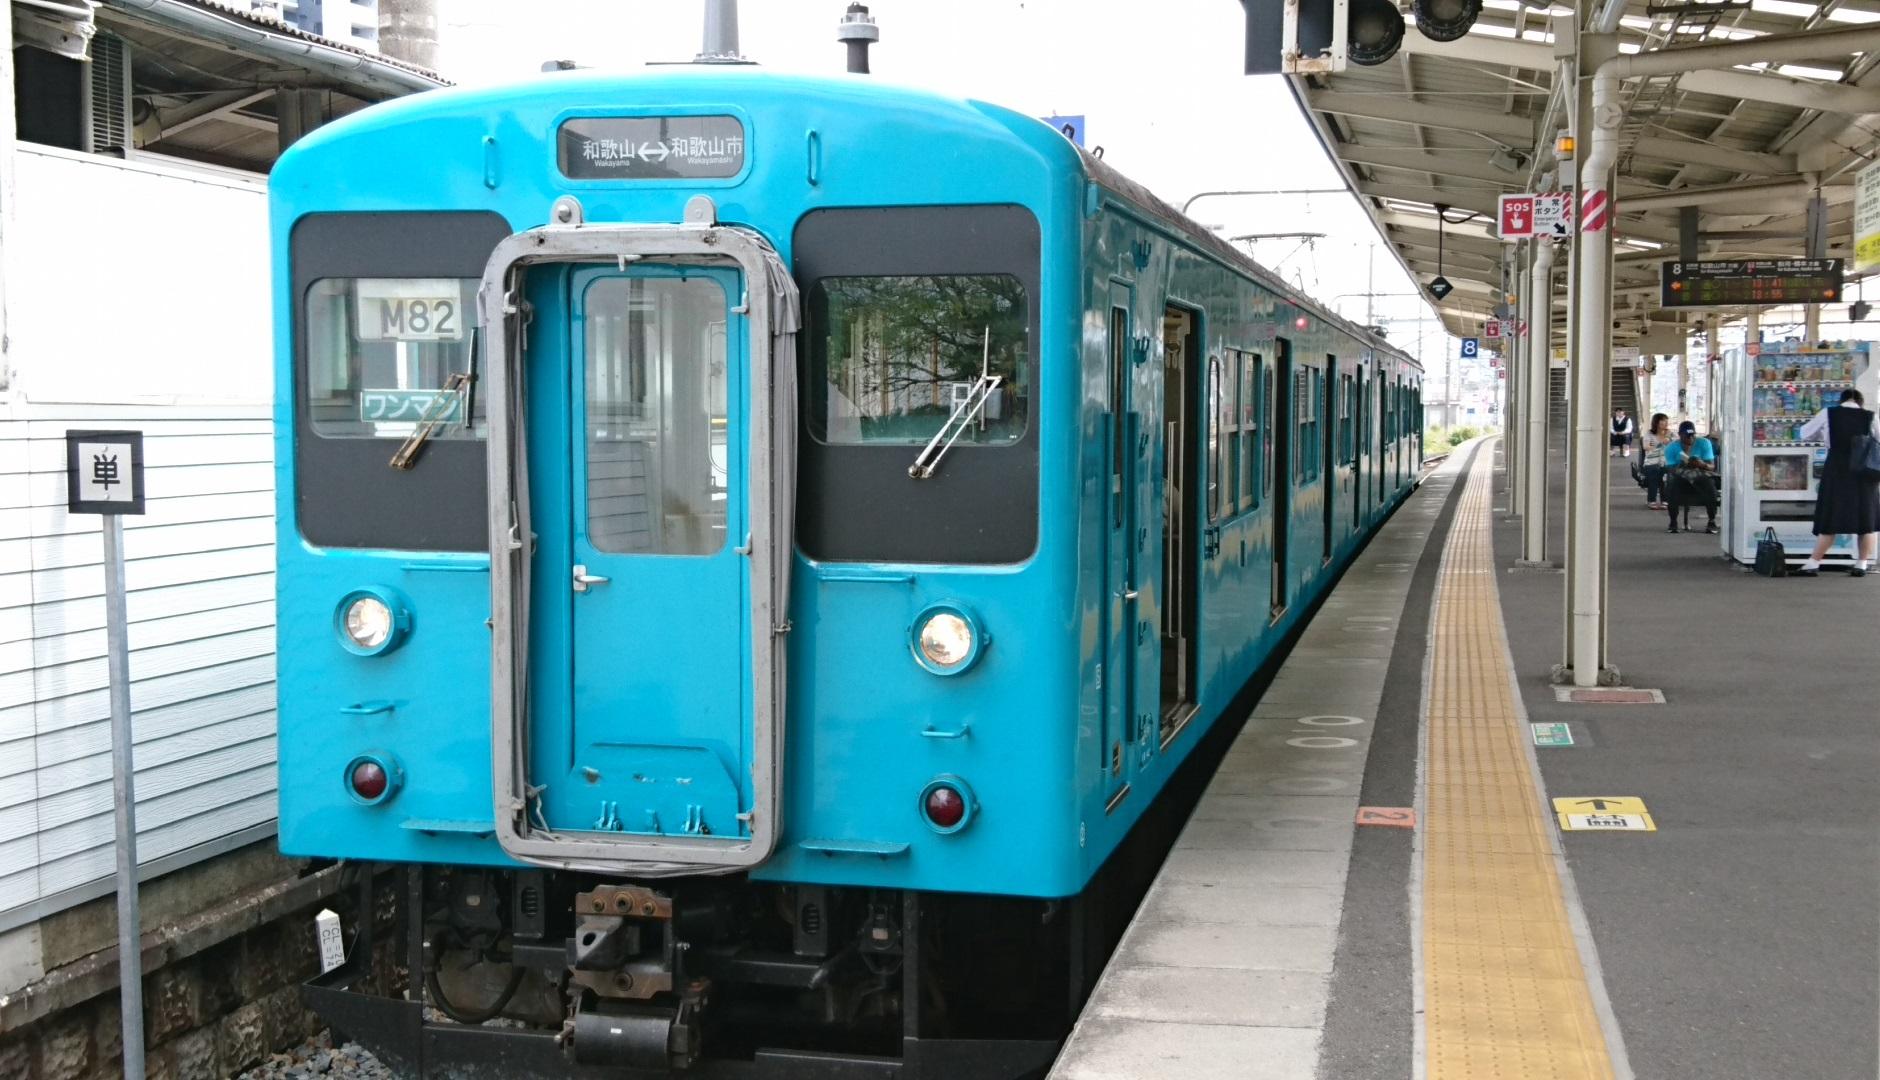 2017.8.17 紀和支線 (2) 和歌山 - 和歌山市いきふつう 1880-1080